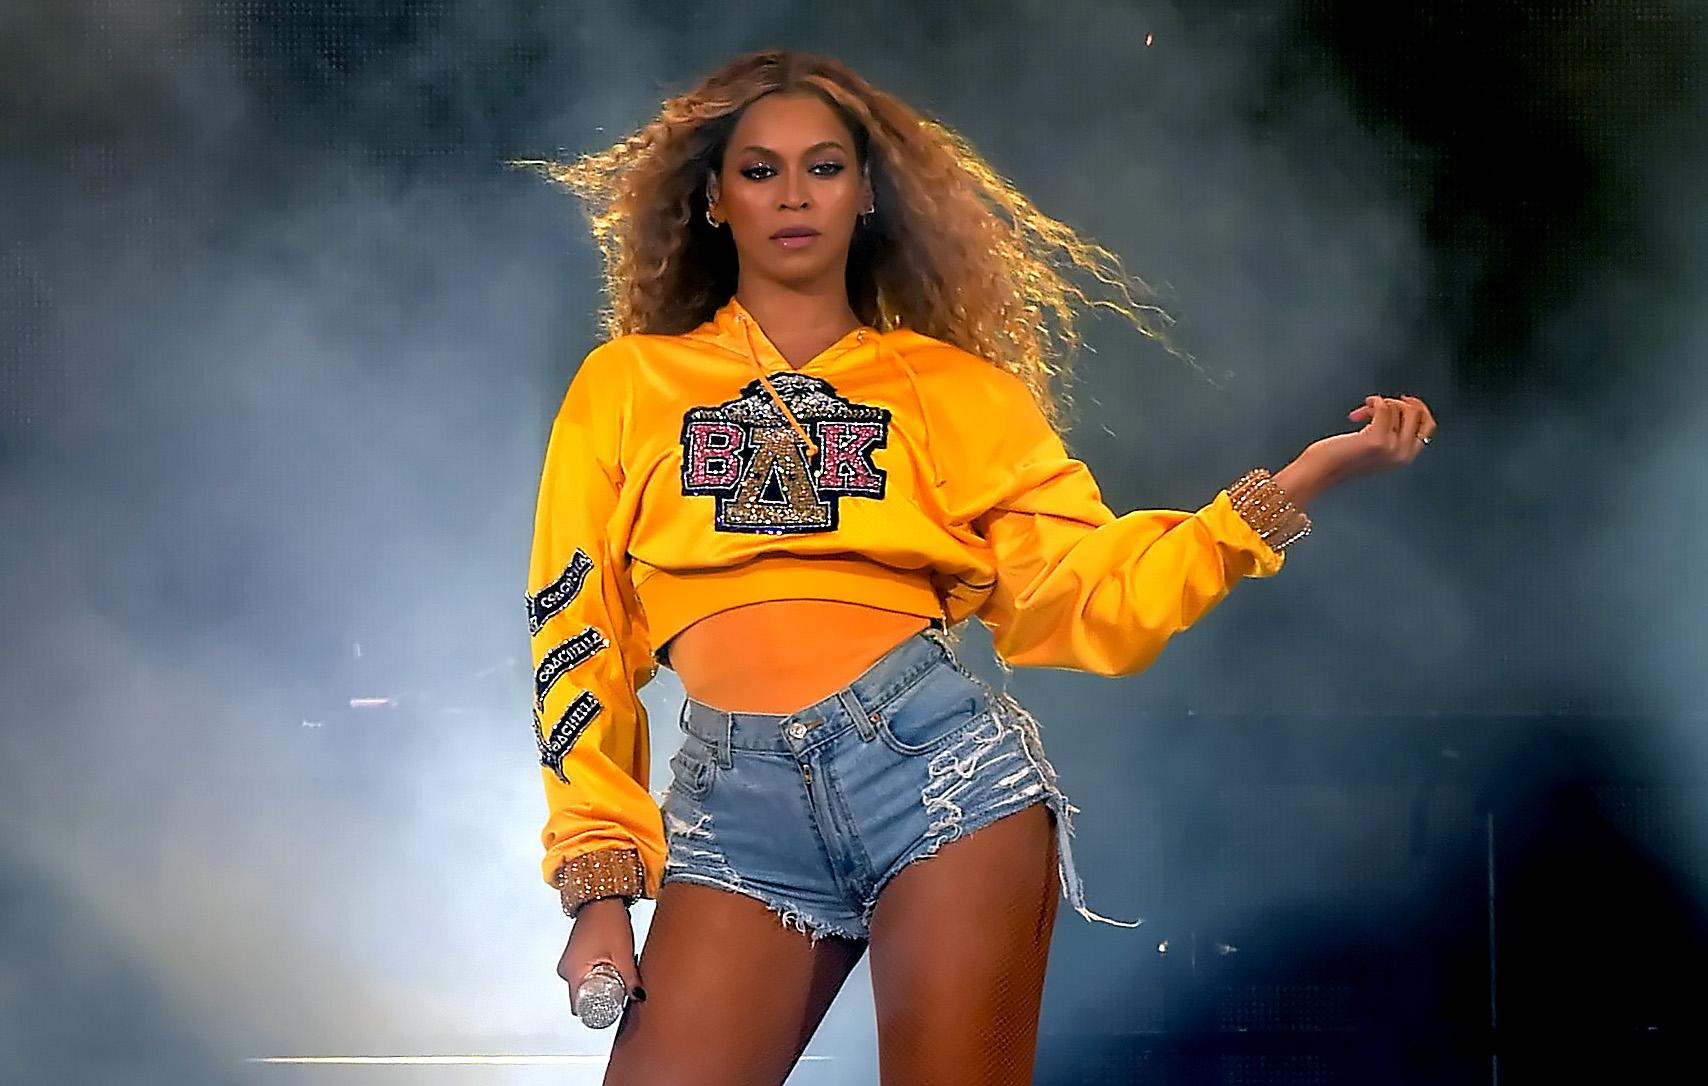 Πώς η Beyonce άλλαξε δύο βερνίκια κατά την διάρκεια του performance της στο Coachella! | tlife.gr